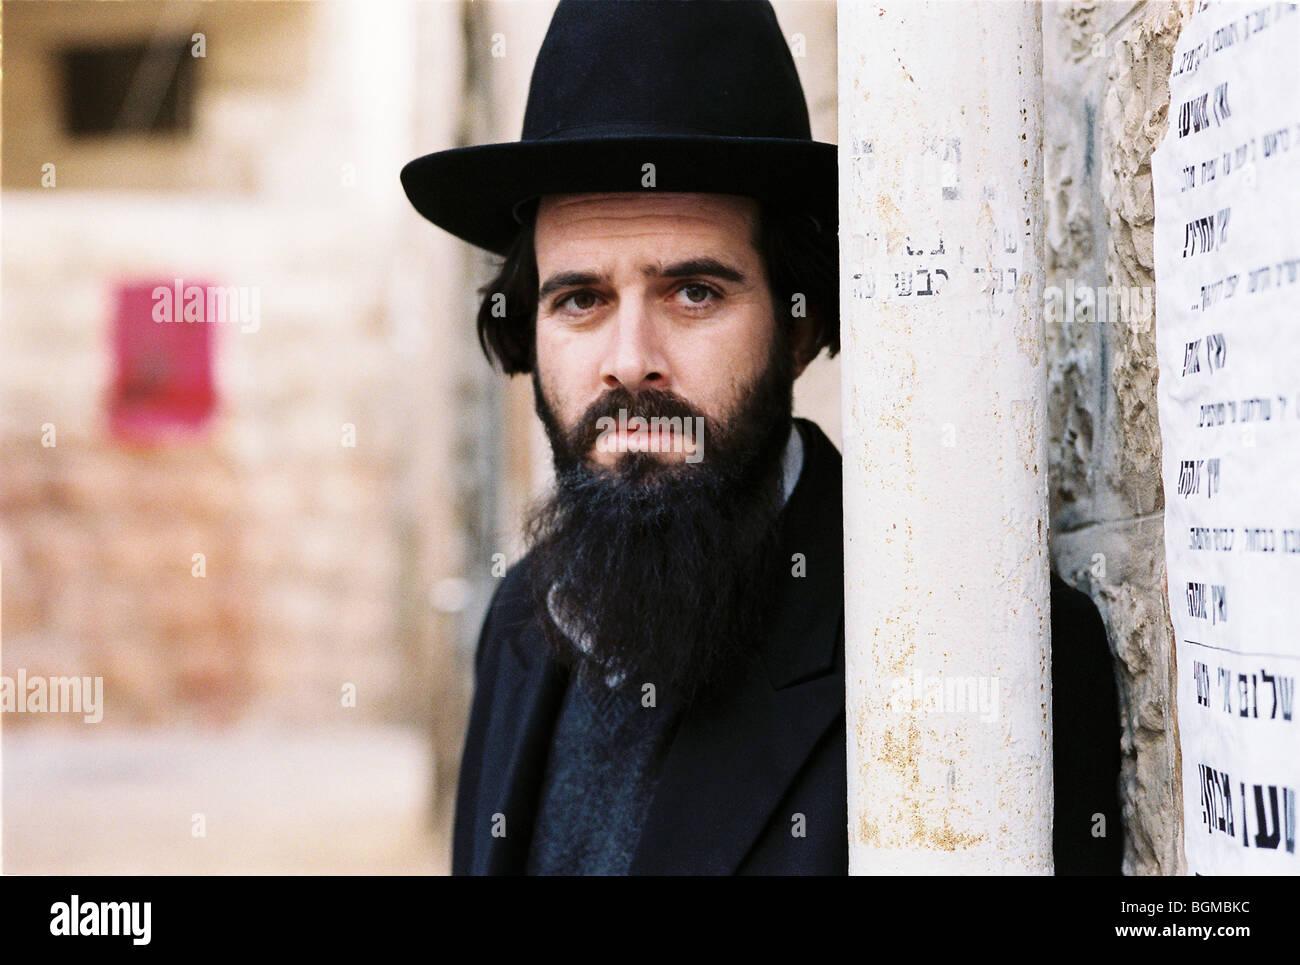 Eynaim pekukhot  Eyes Wide Open Year : 2009 Director : Haim Tabakman Zohar Strauss - Stock Image